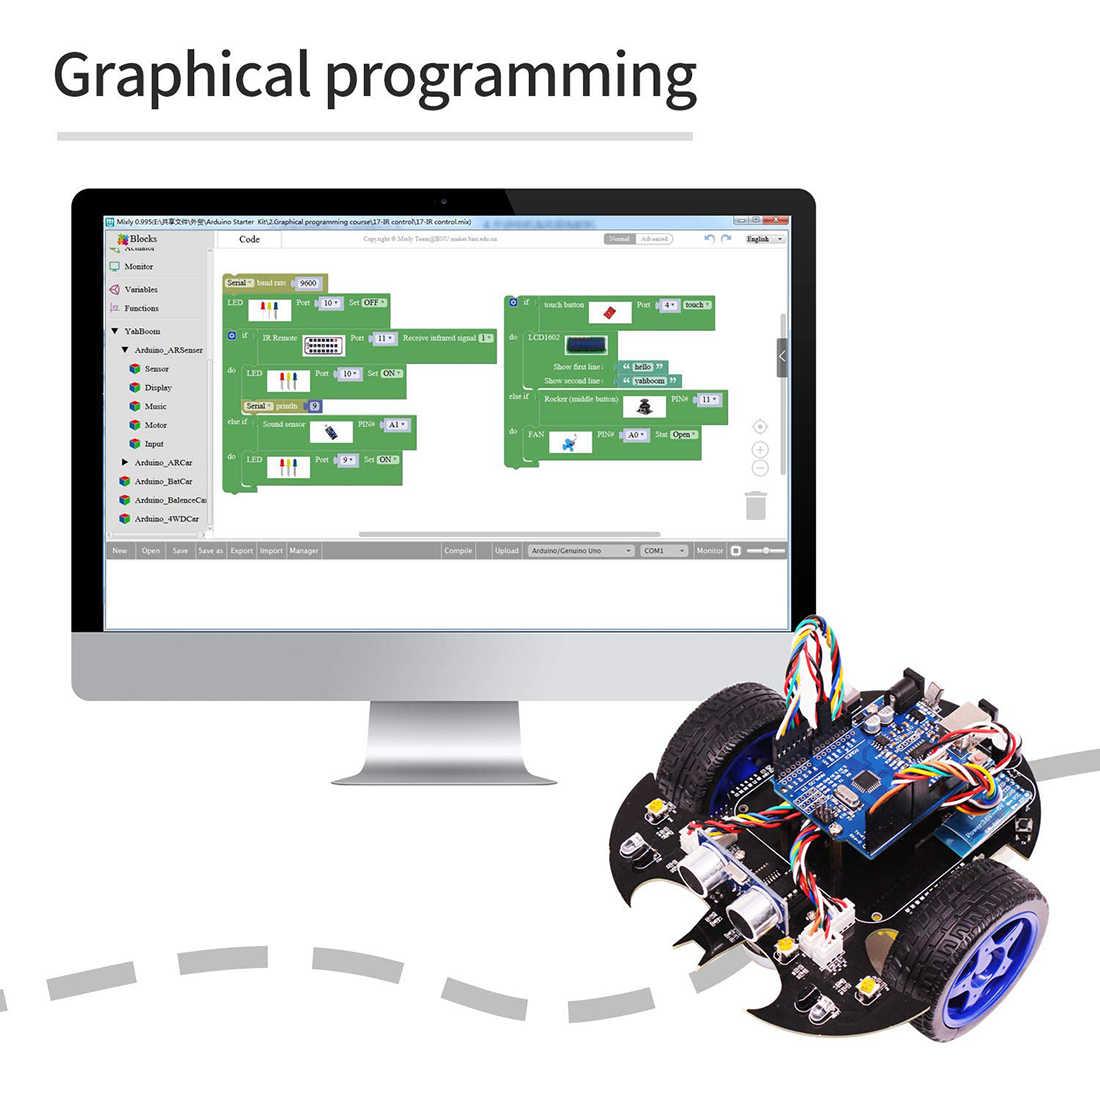 Летучая мышь умный робот автомобиль проект полный стартовый учебник высокотехнологичная программируемая игрушка для Arduino (в том числе: для материнской платы R3)